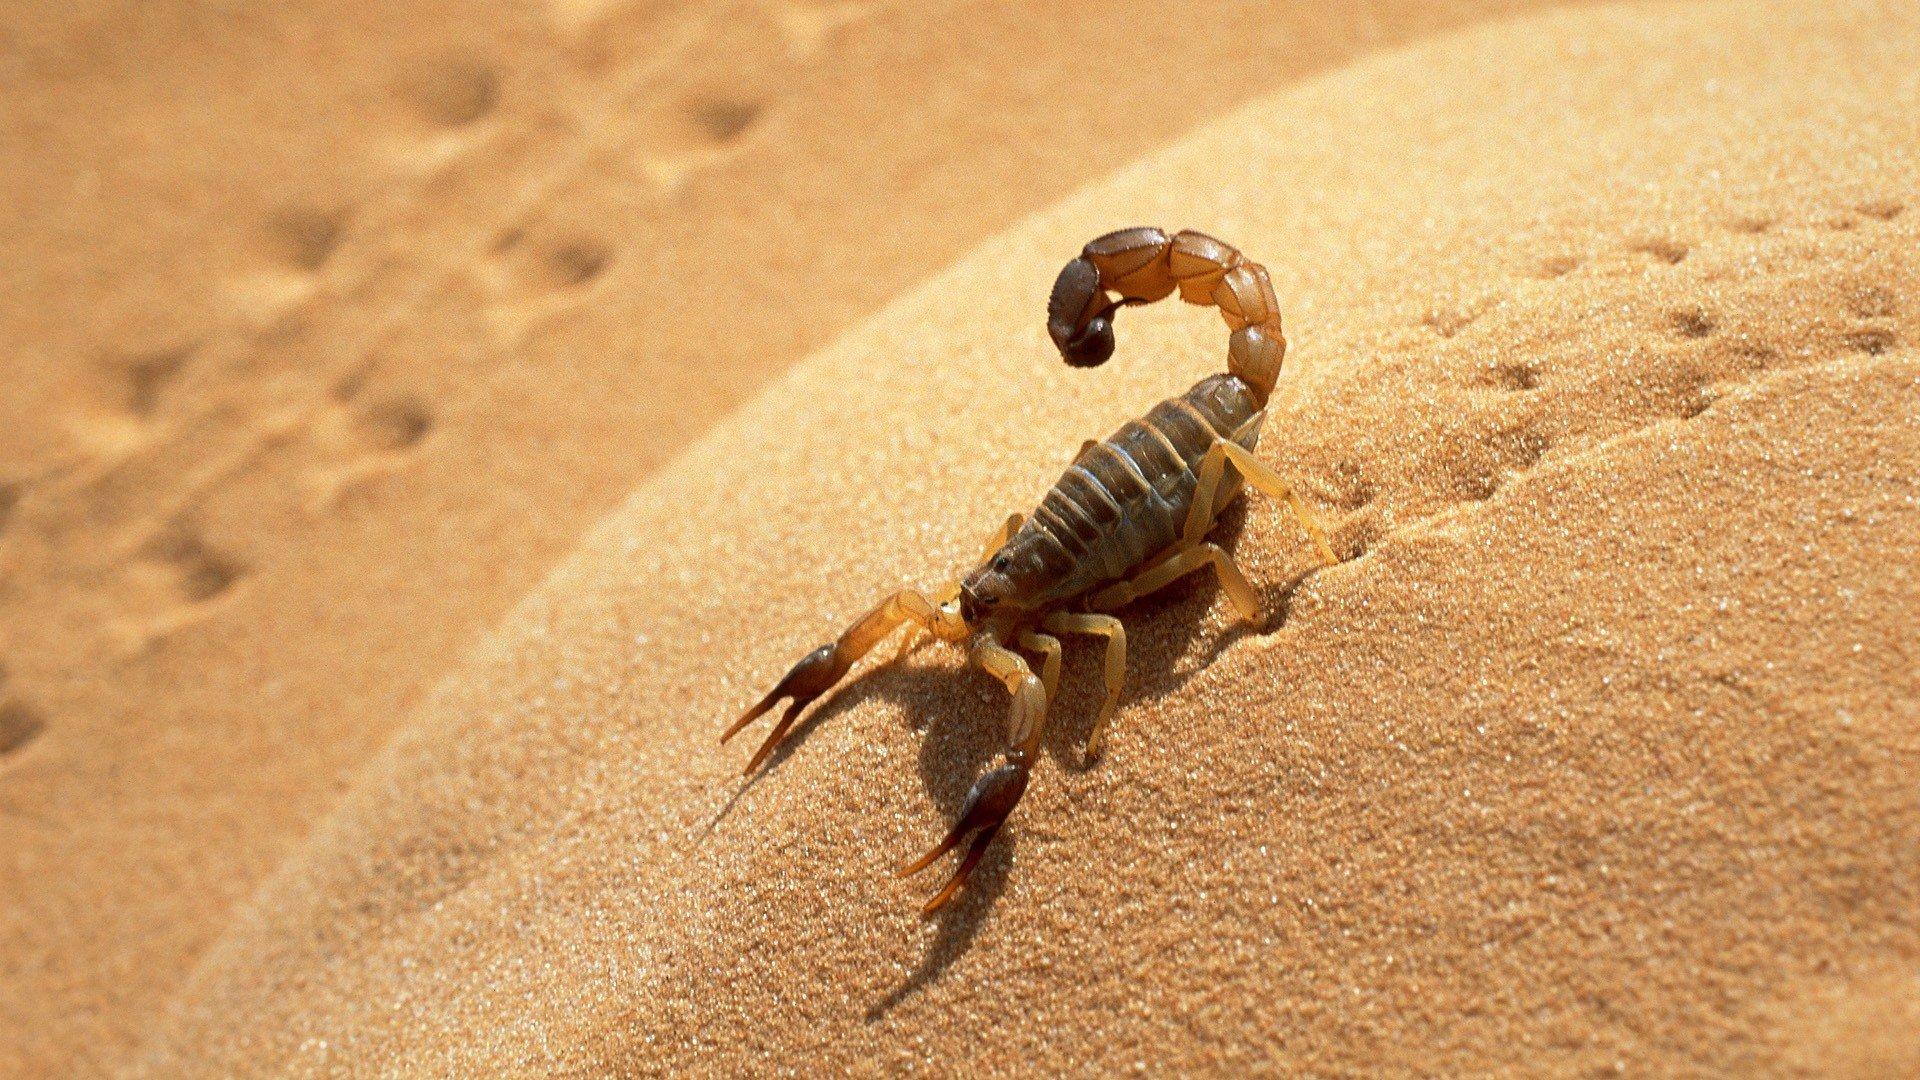 самое фотографии скорпион лучшие обои внутреннего заполнения